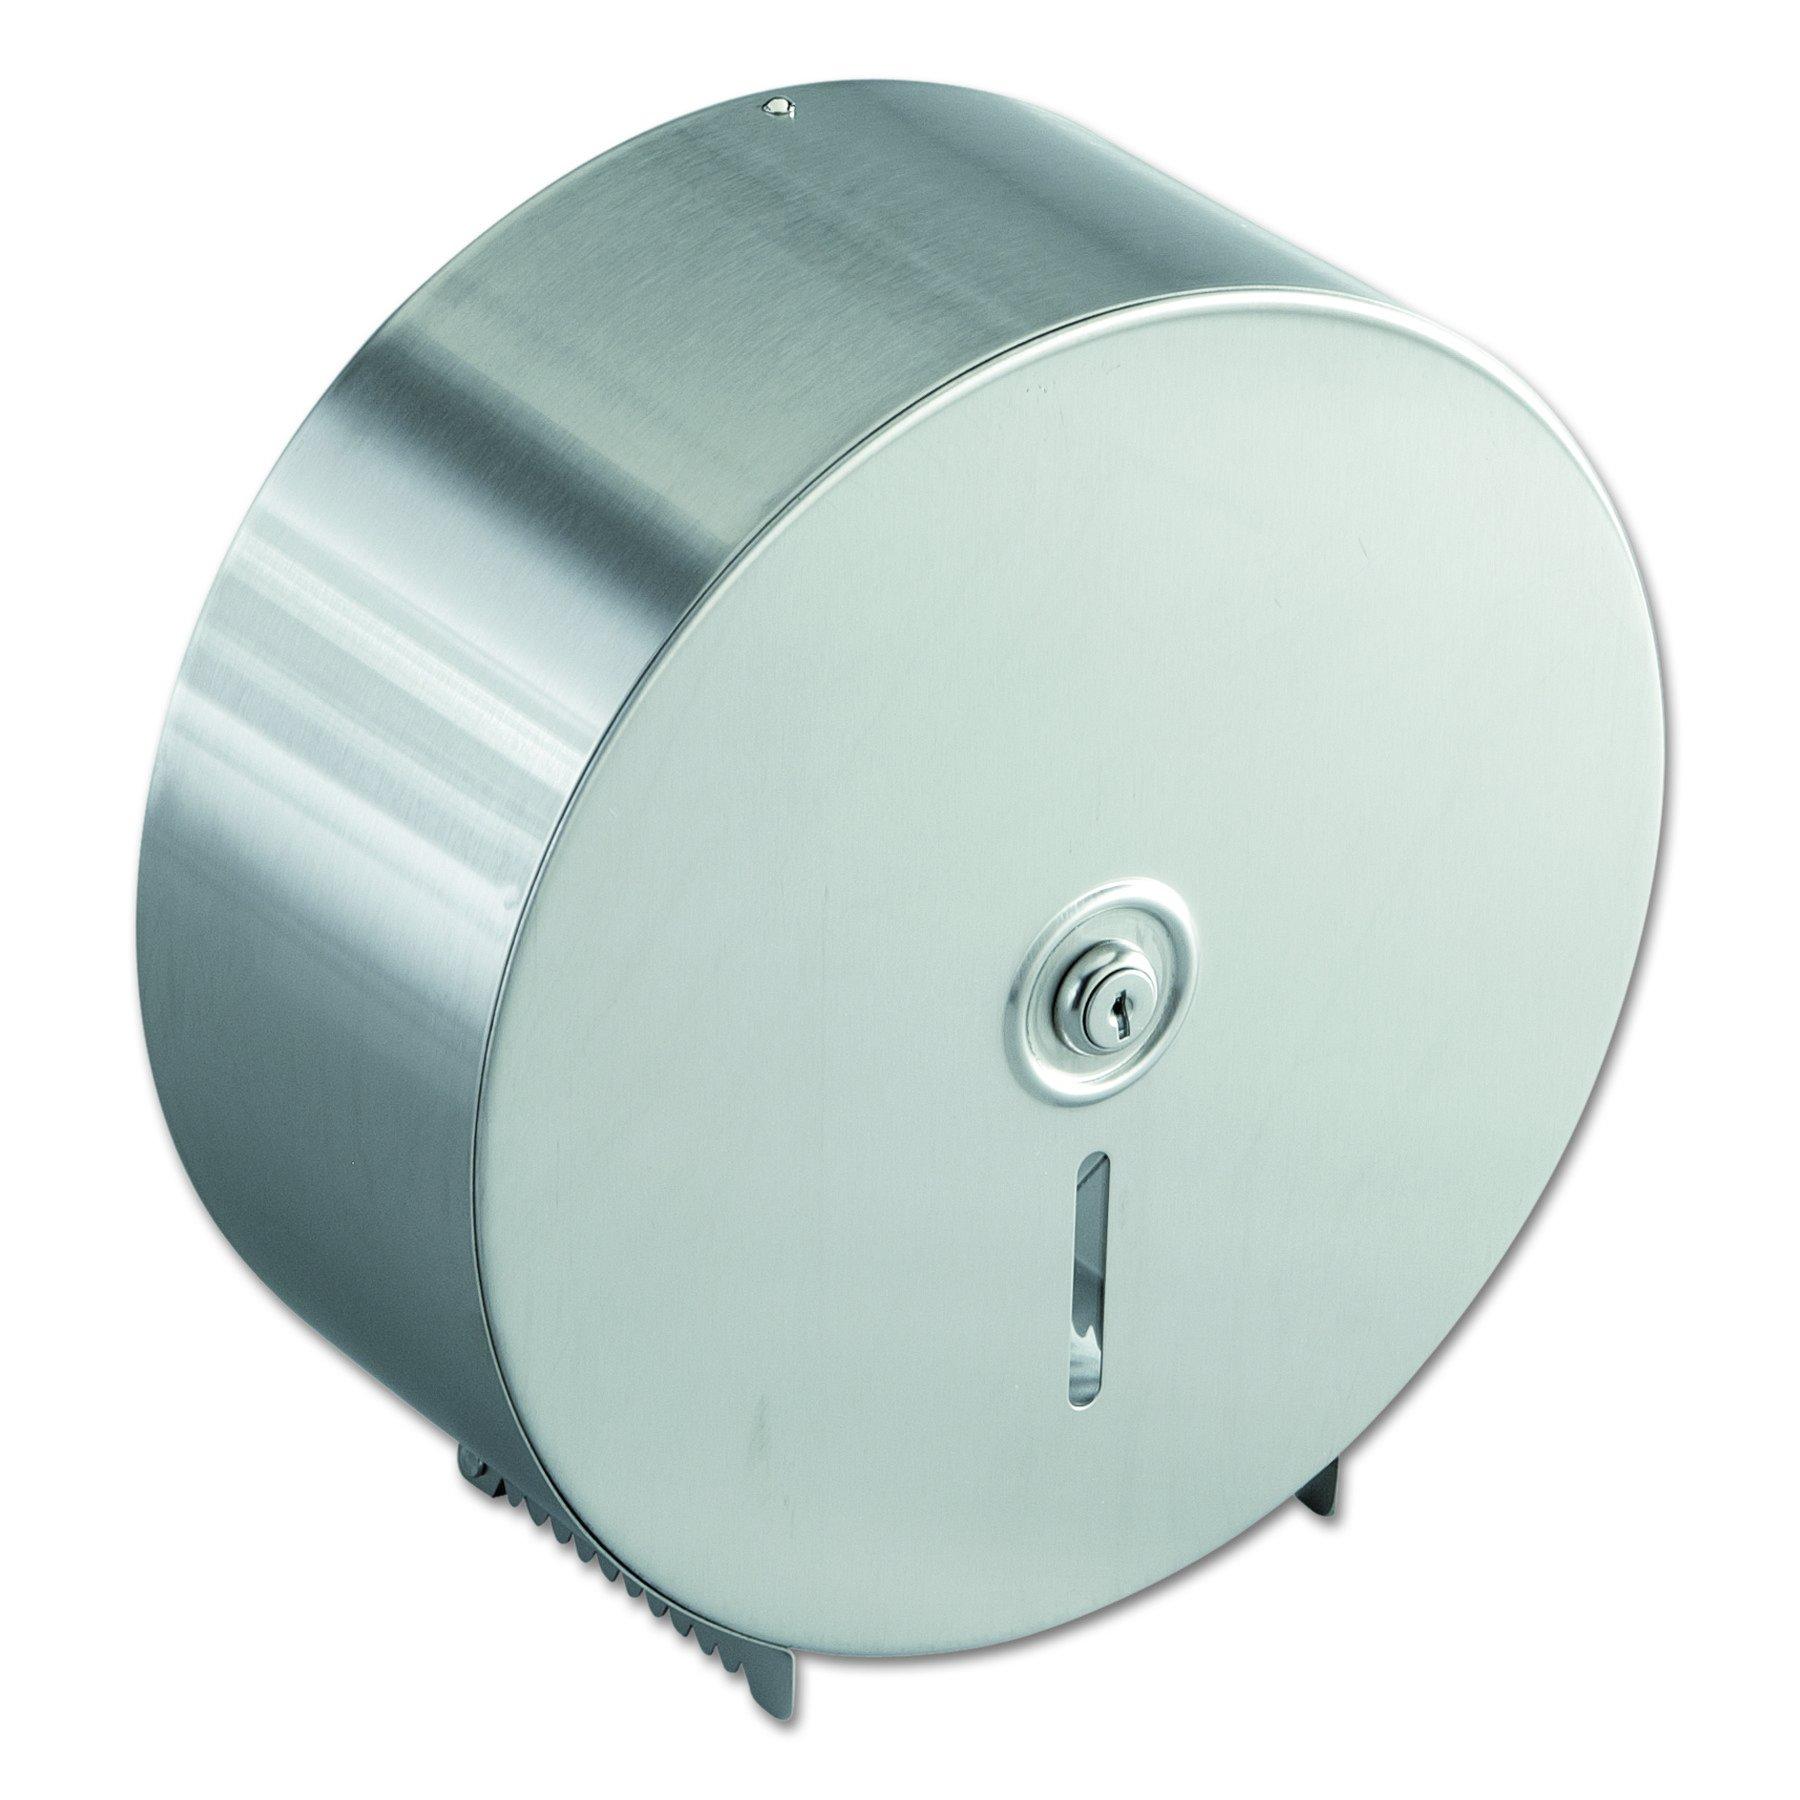 Bobrick 2890 Jumbo Toilet Tissue Dispenser, Stainless Steel, 10.625W x 10.625H x 4.5D